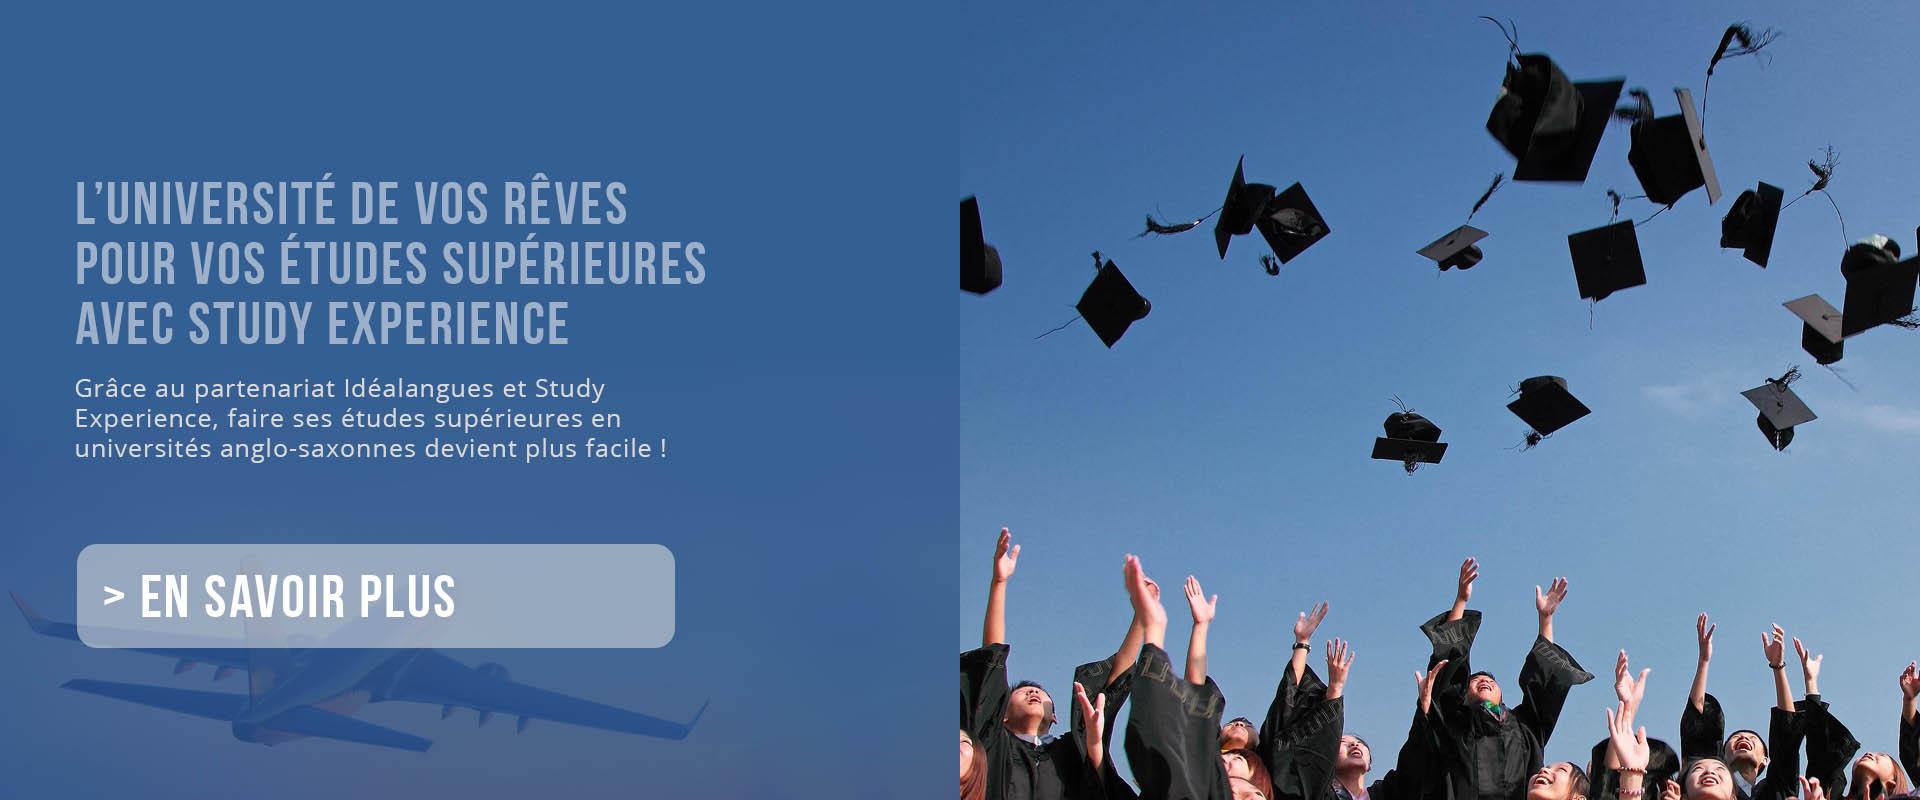 placements universitaires 001